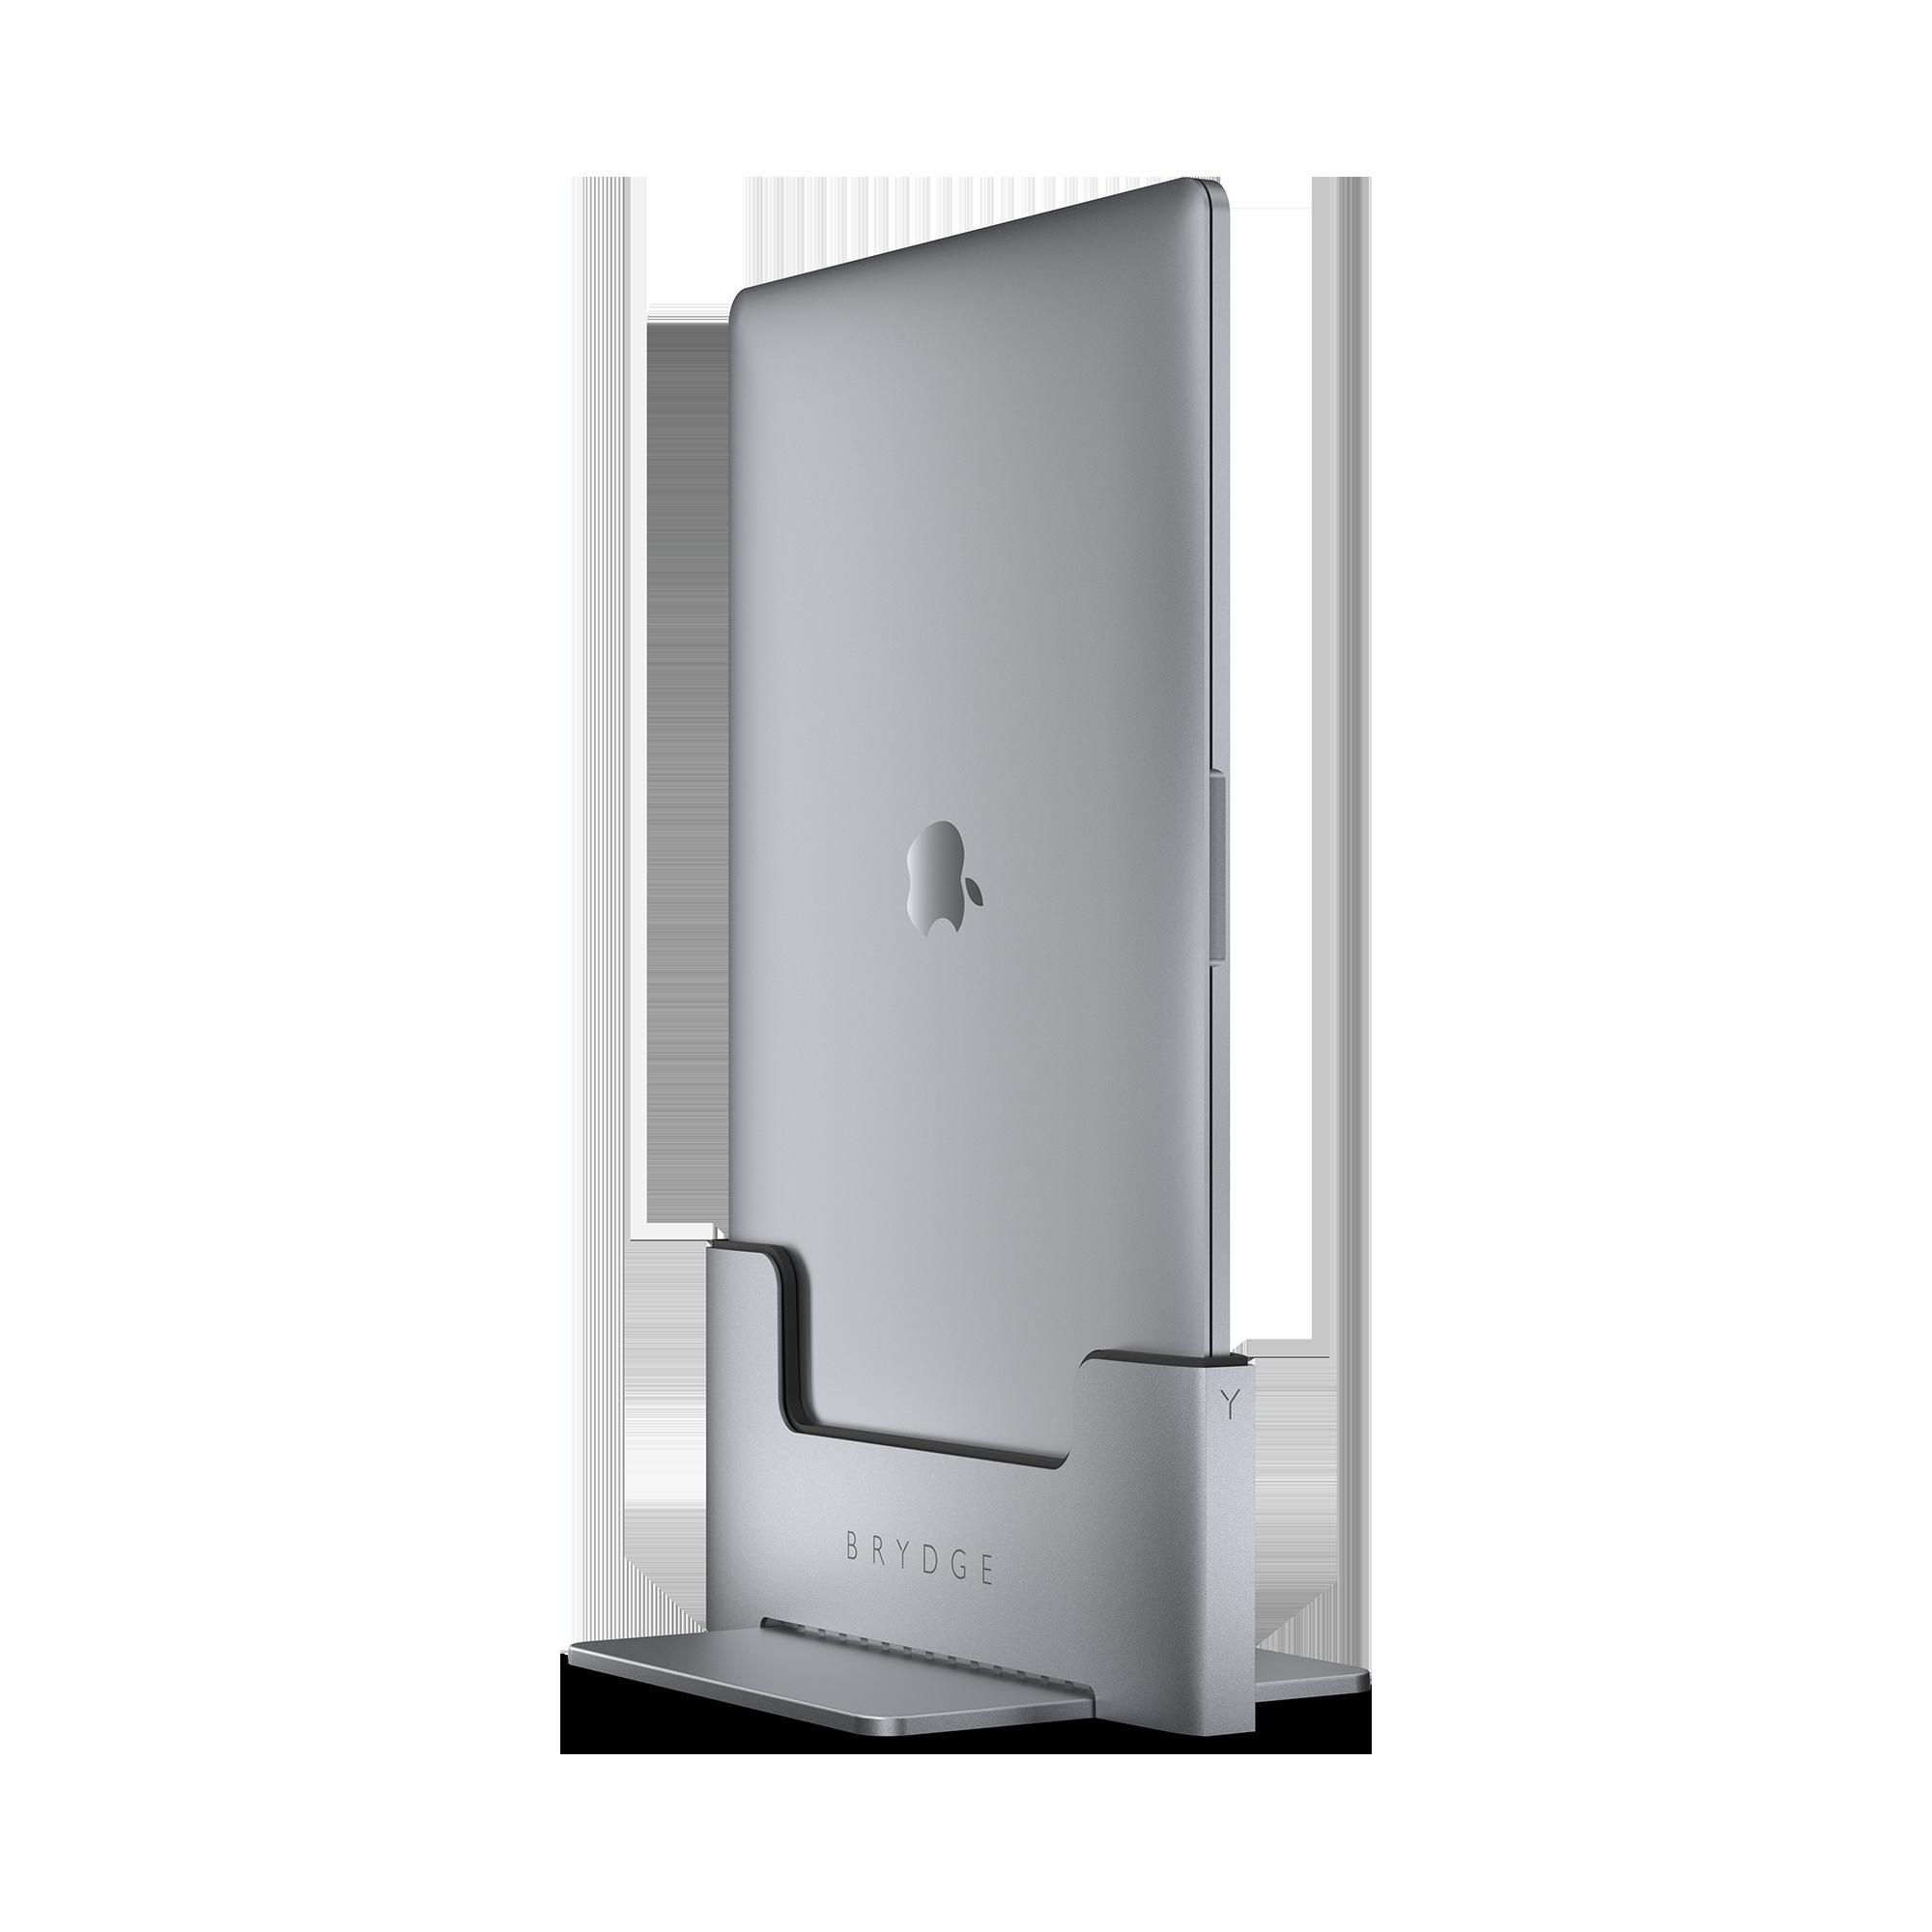 Macbook Vertical Dock In 2020 Metal Construction Vertical Locker Storage